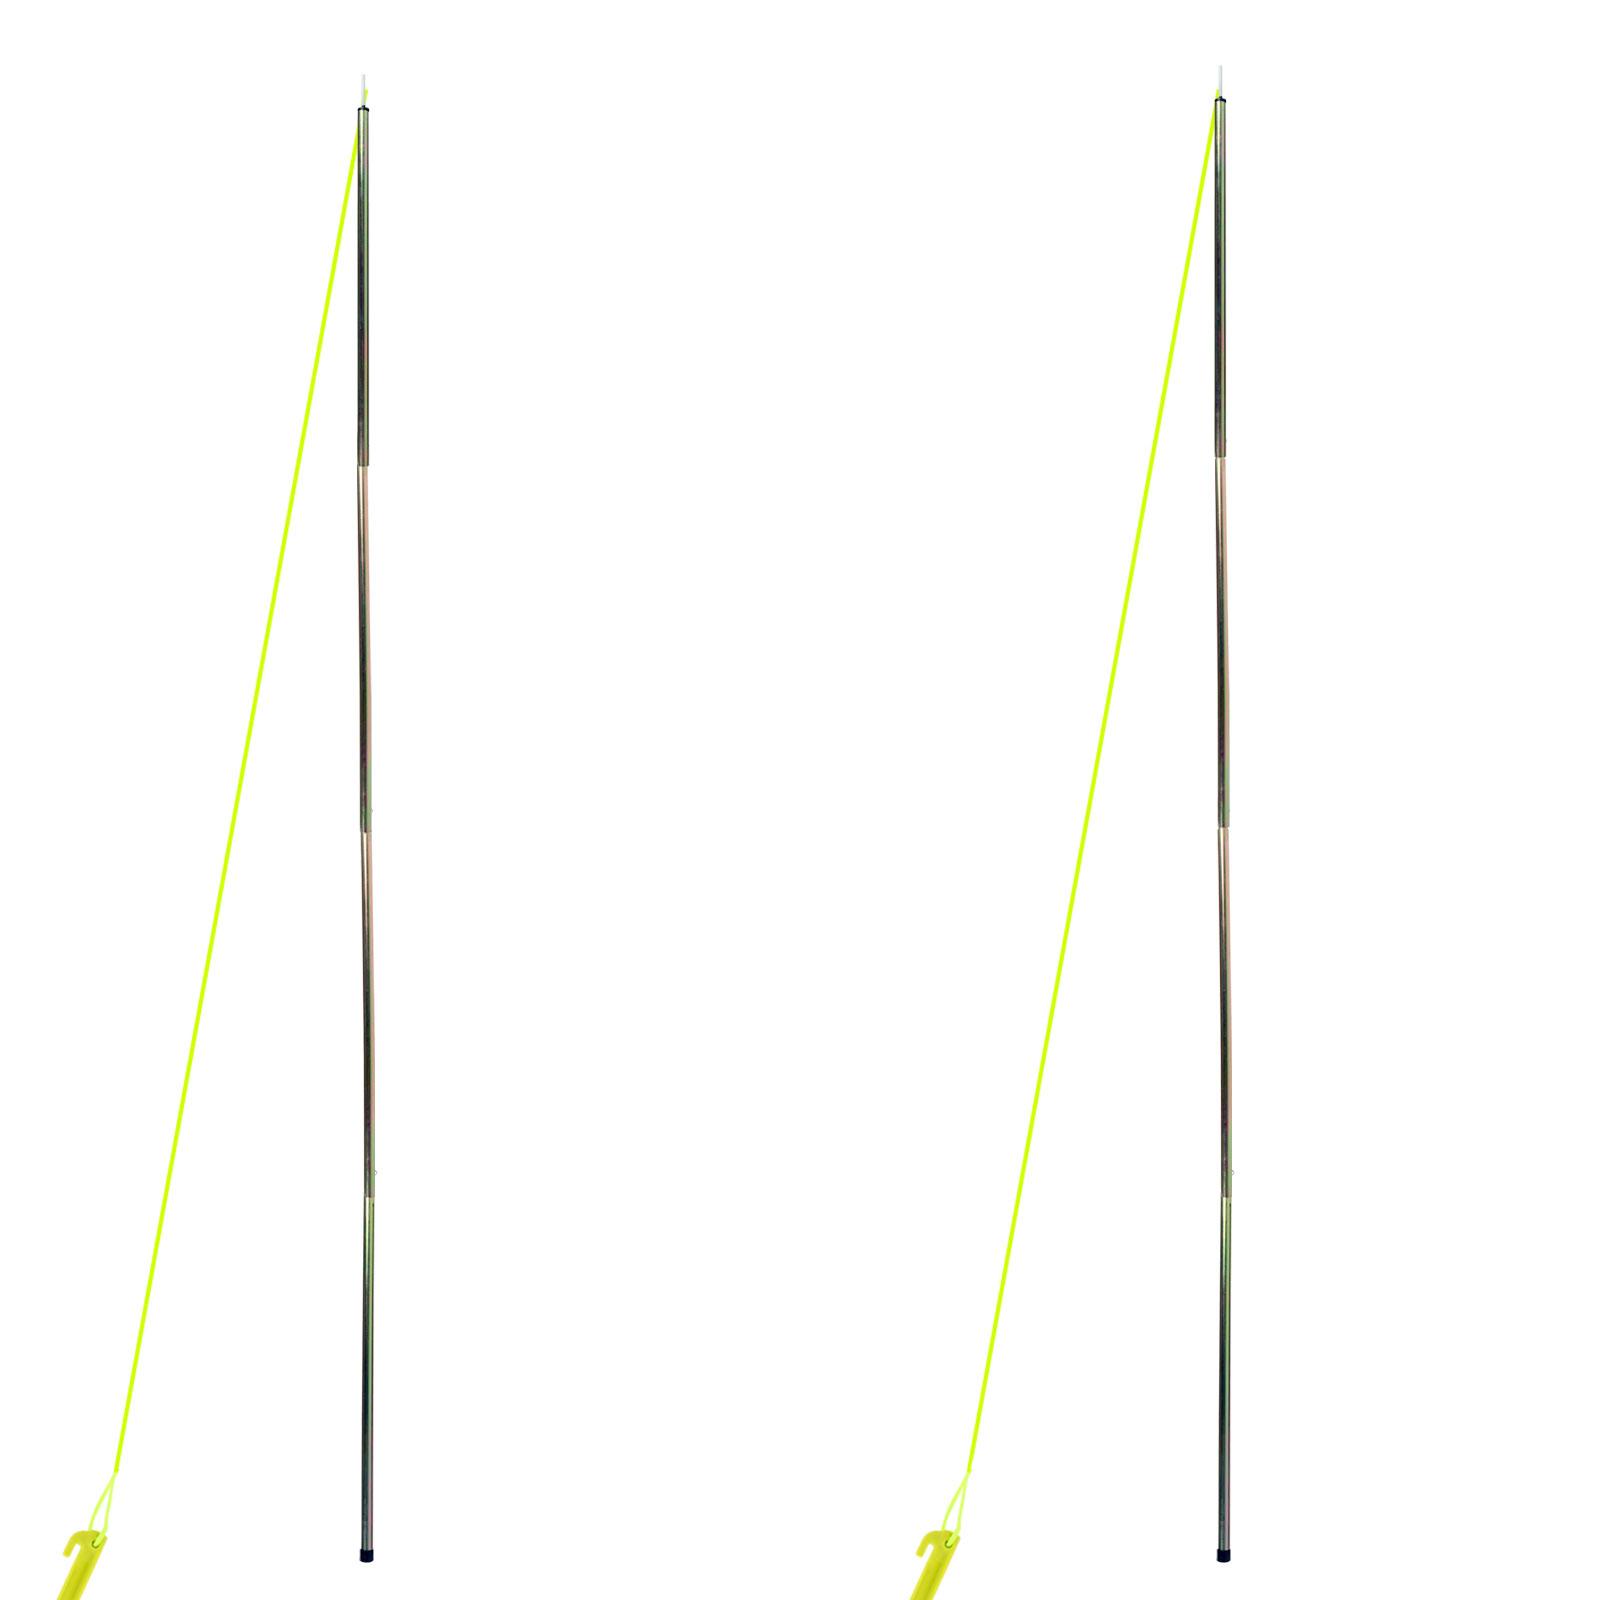 Aufstellstangen Sonnensegel 2er Set 200 cm 4 Teilig Stahl inkl Leinen & Heringe